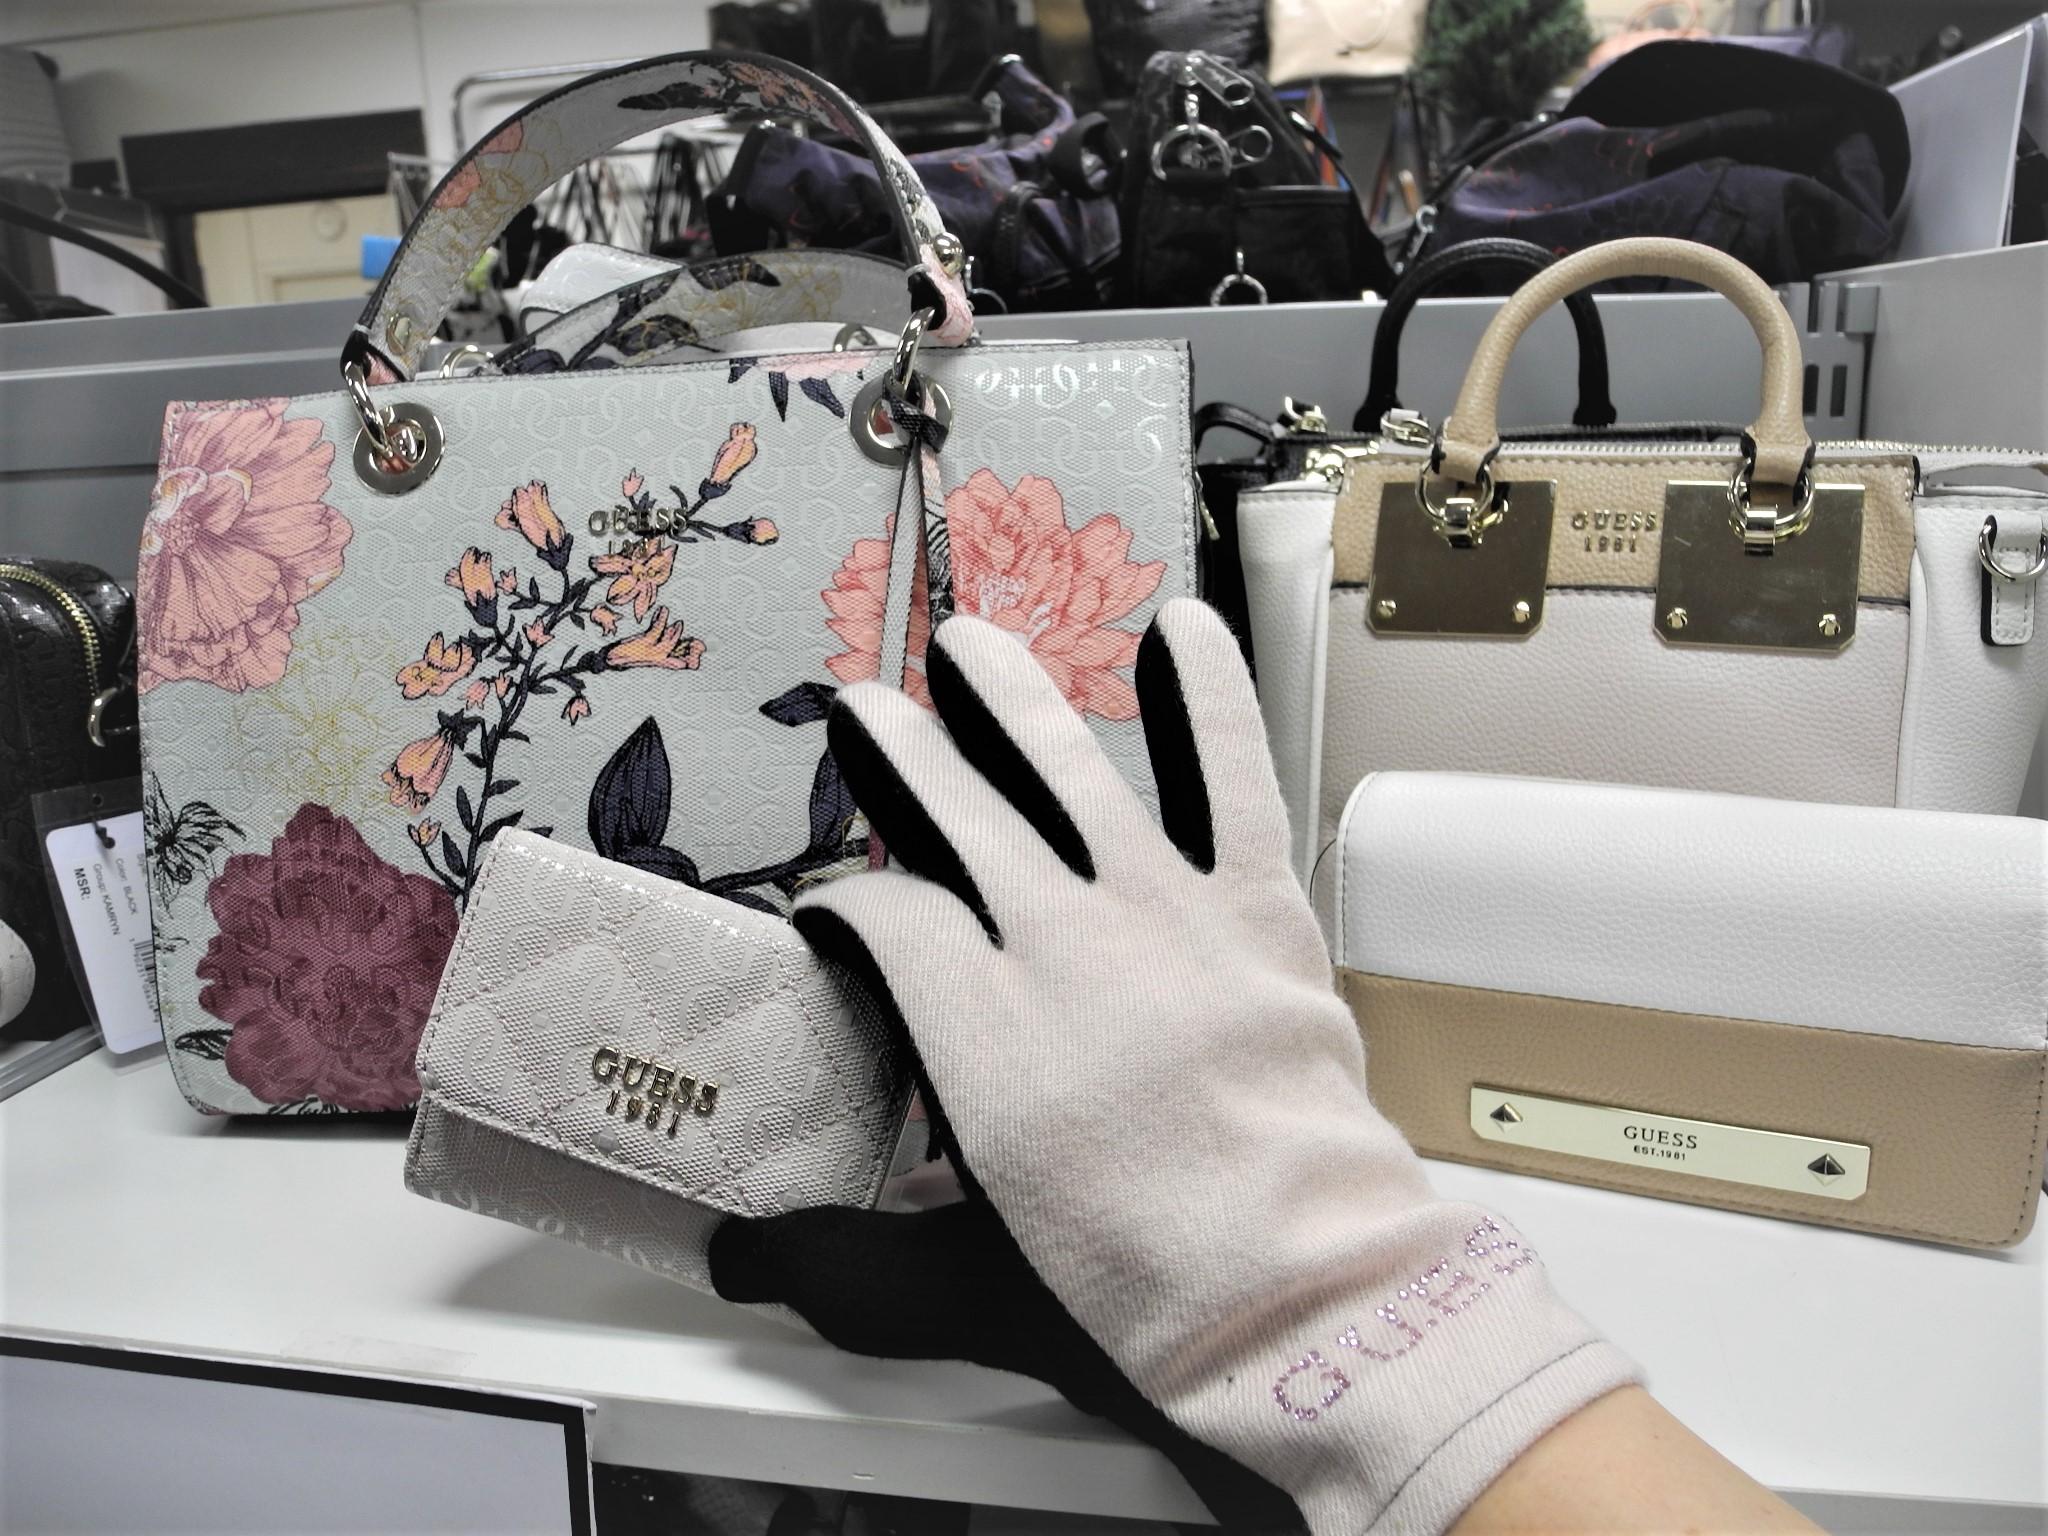 NT-Boxin valikoimissa on Guess-merkin laukut, lompakot ja hansikkaat.